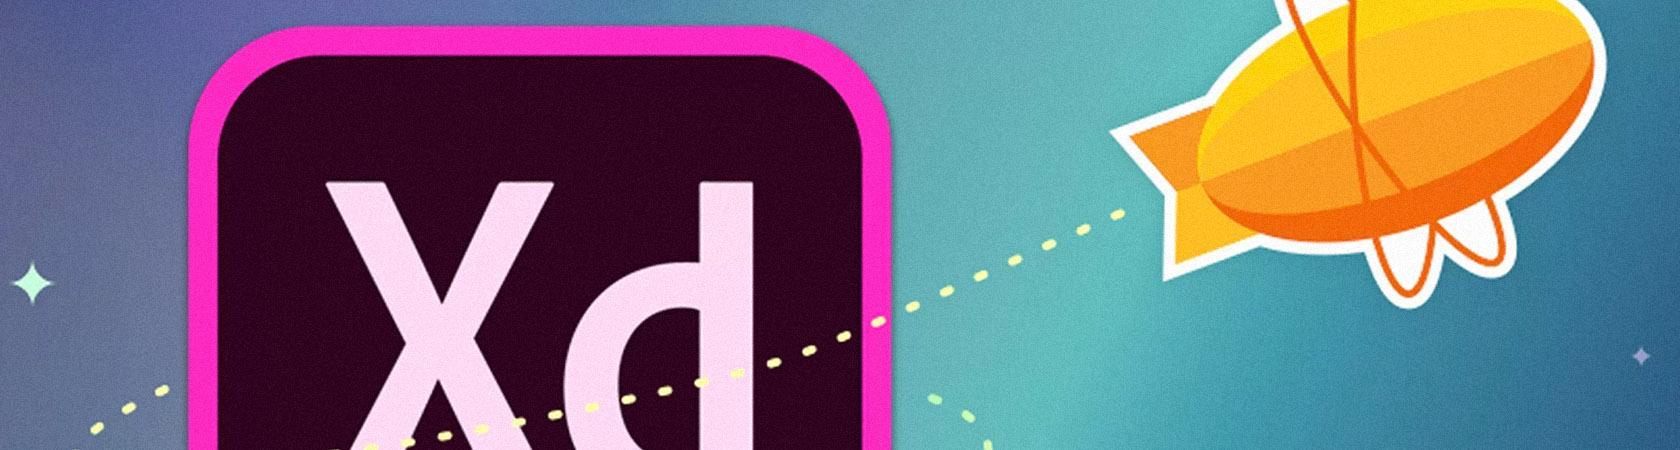 Adobe XD - Integraciones de flujo de trabajo de terceros